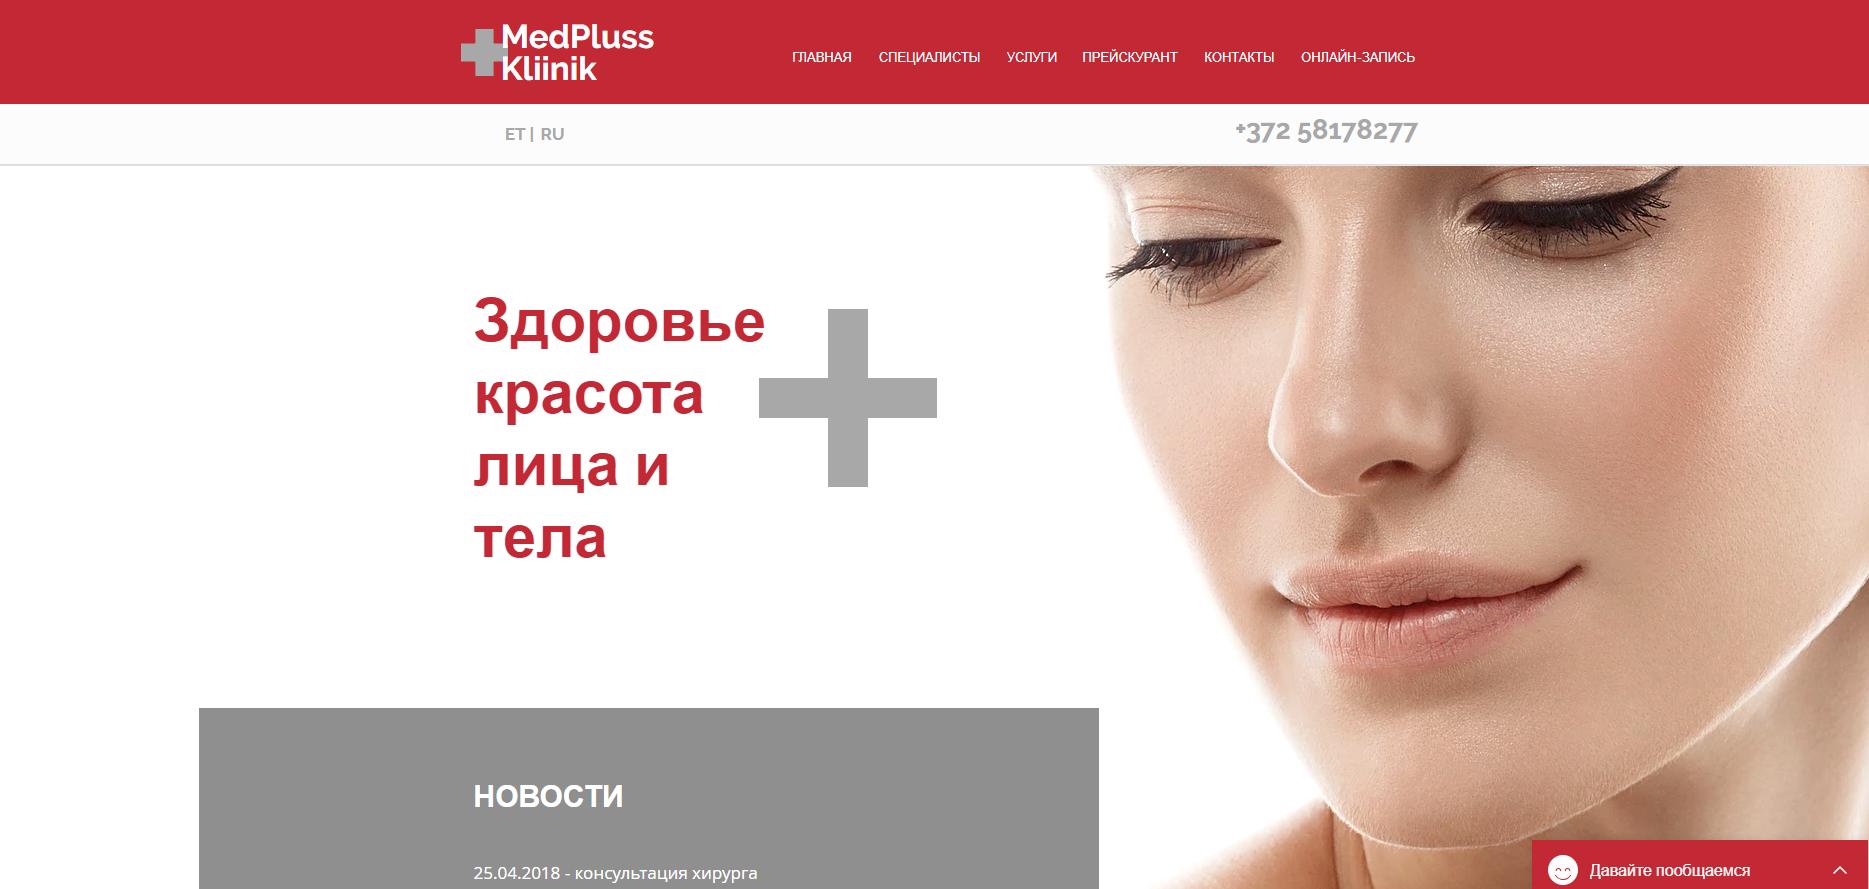 Сайт косметологической клиники